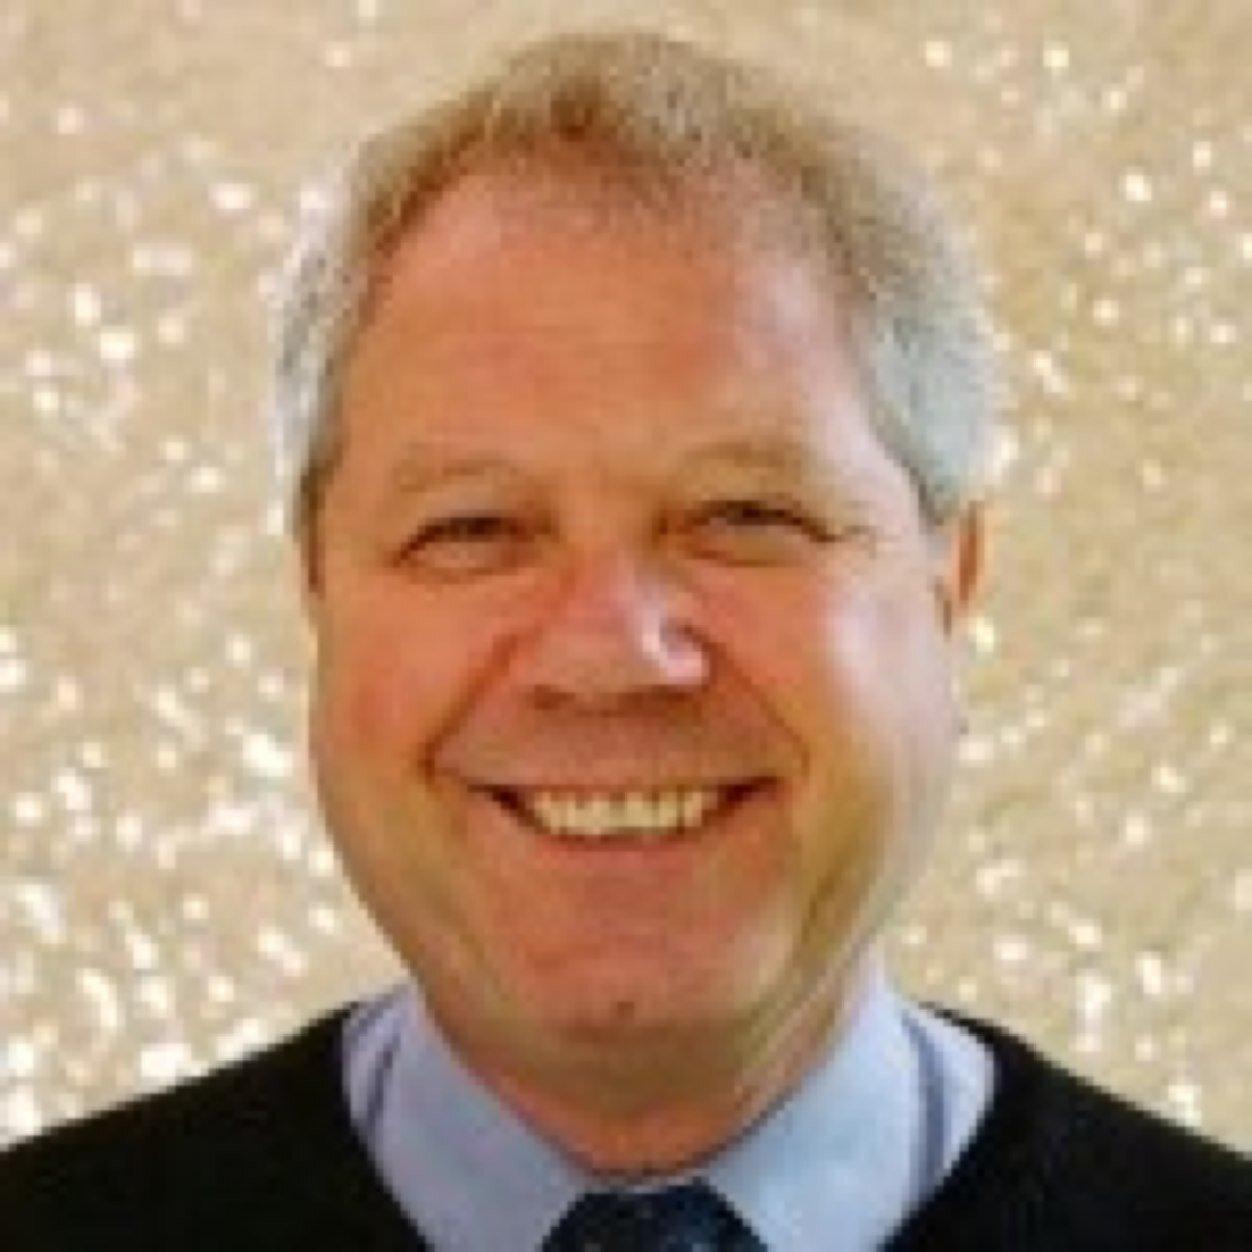 Jim Sillars